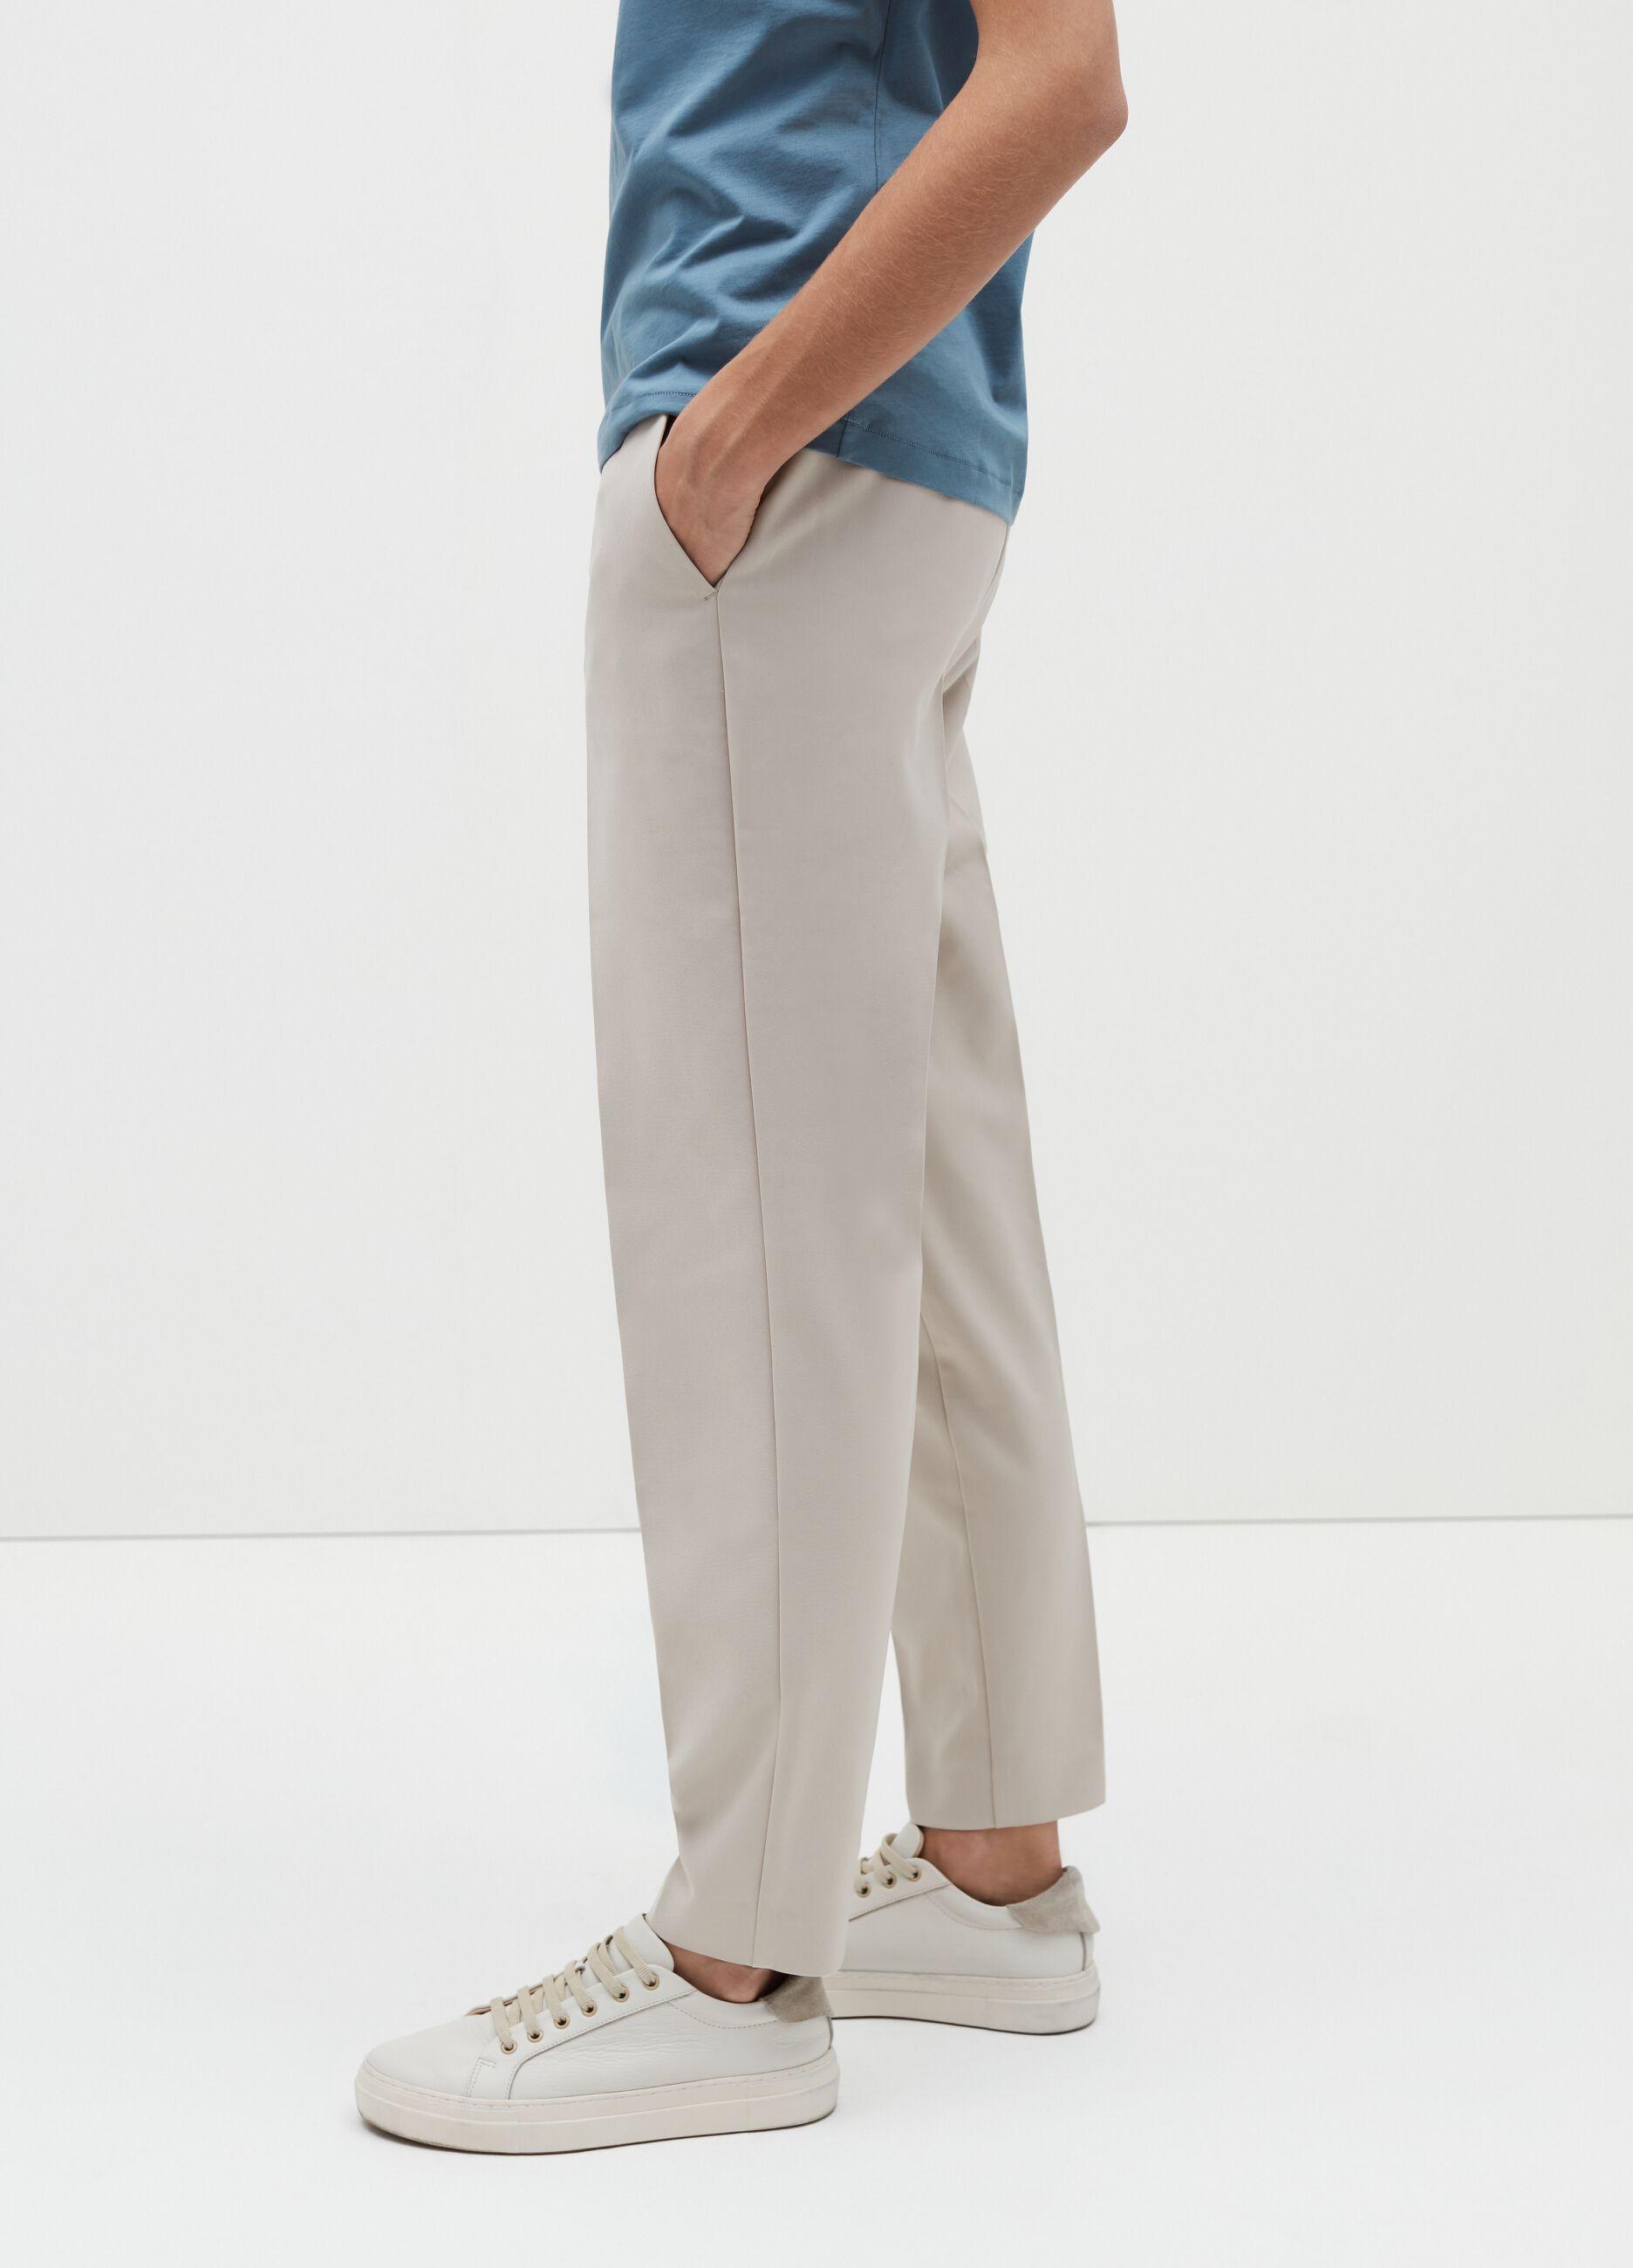 Pantalone in tessuto strutturato Beige